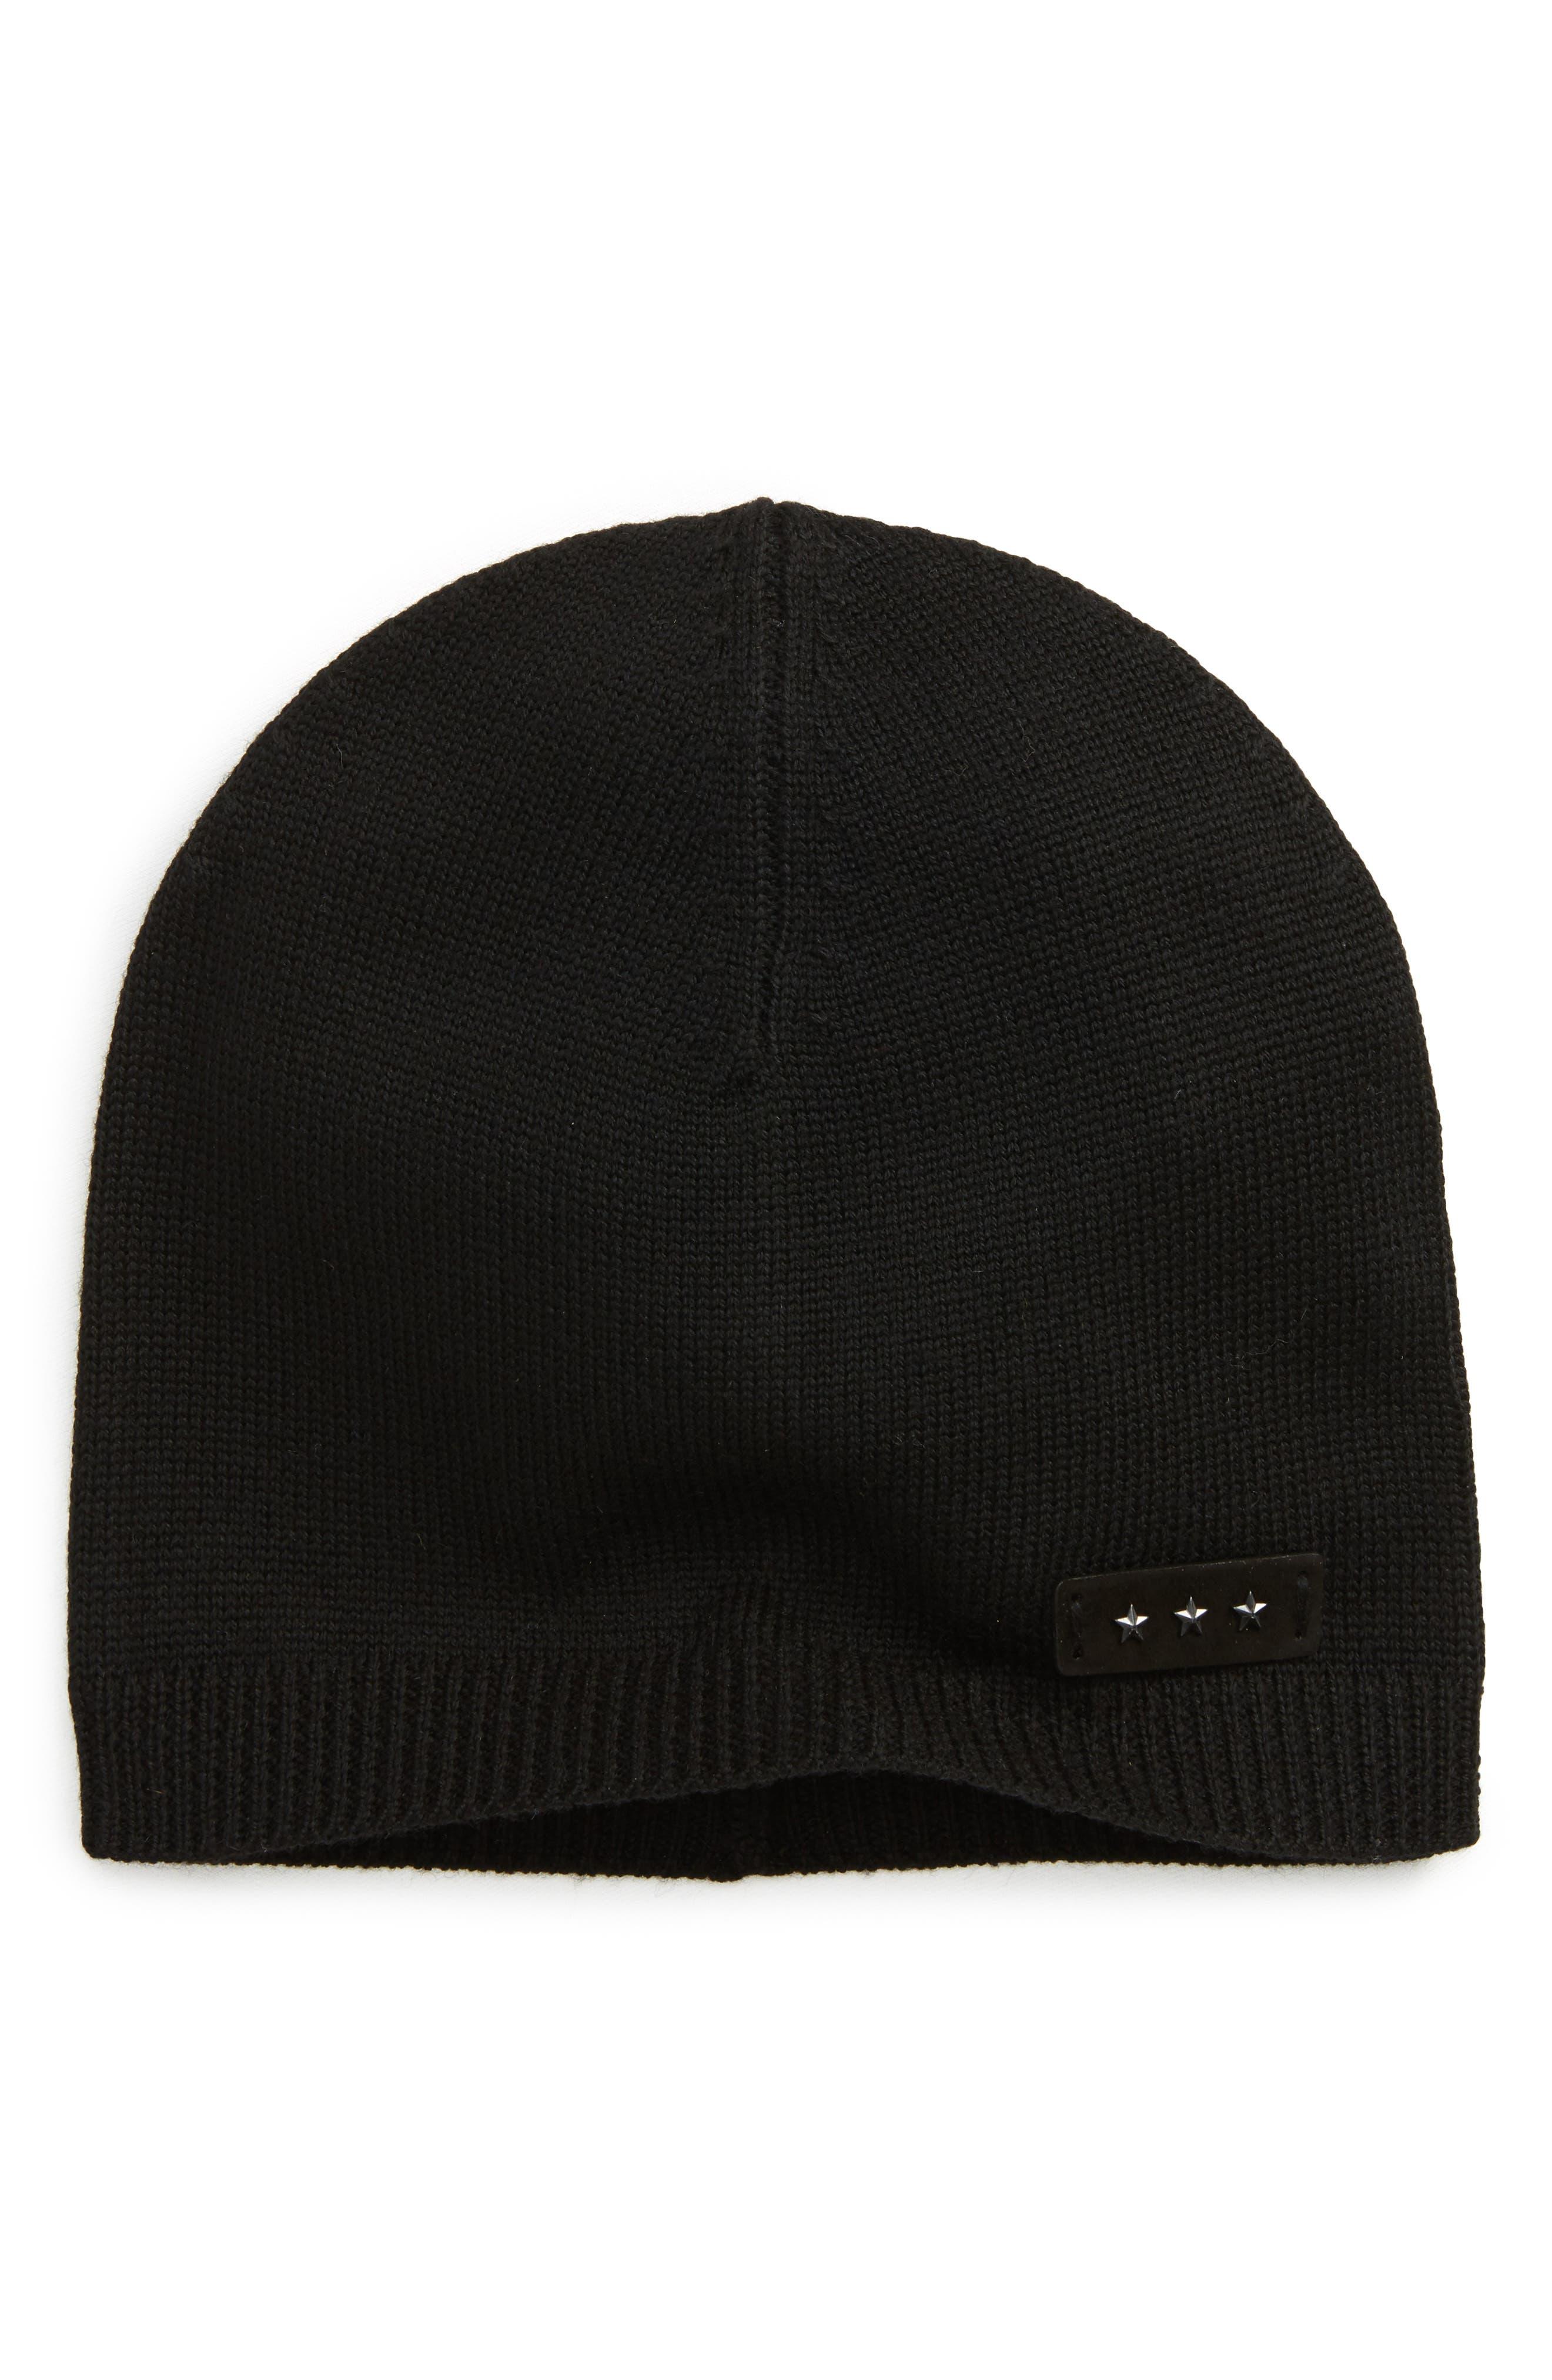 Jersey Knit Skull Cap,                         Main,                         color, 001